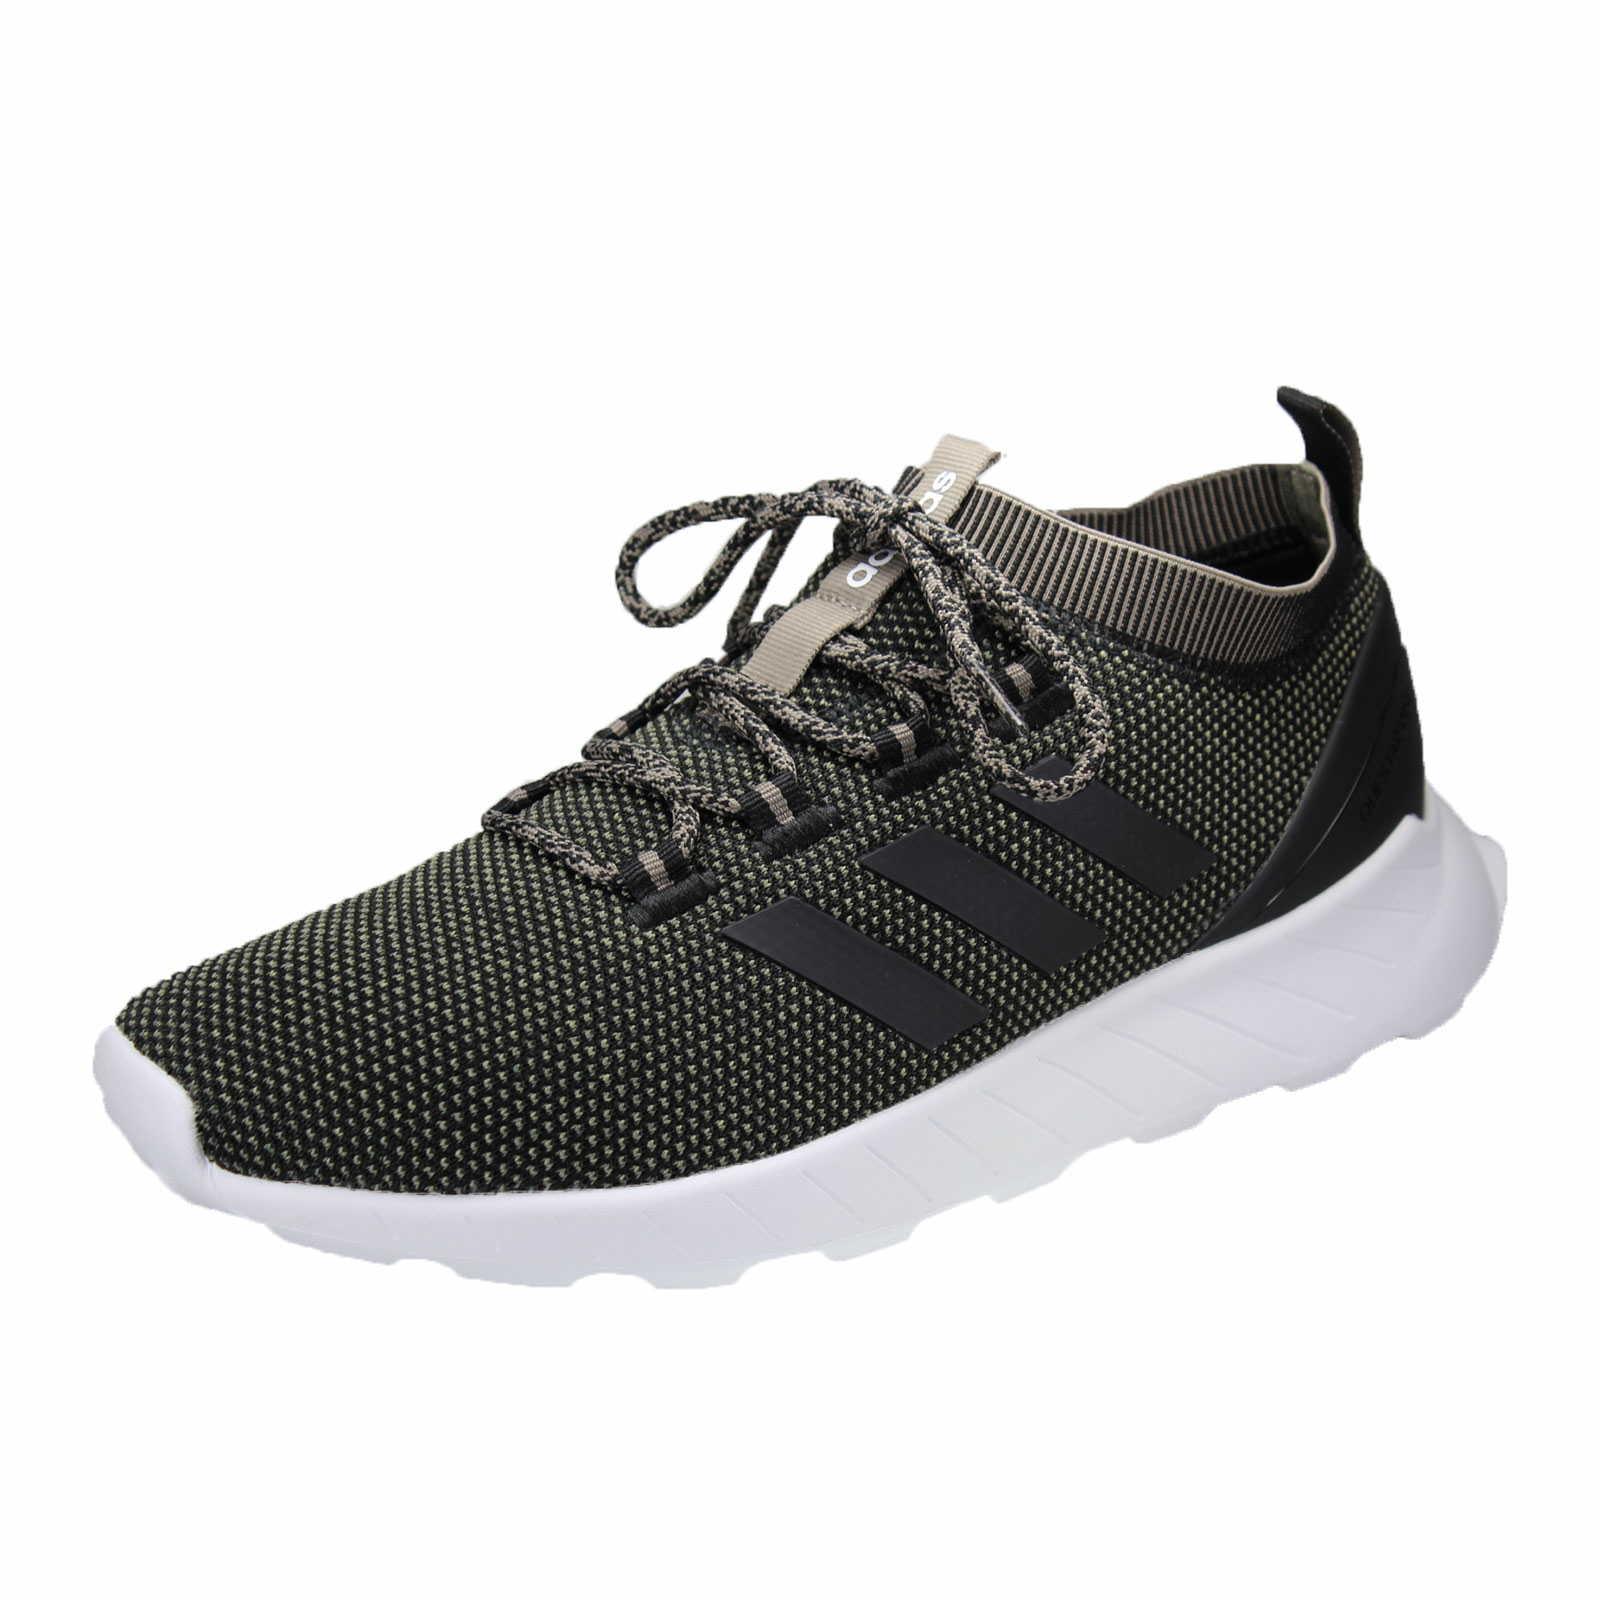 adidas Neo Laufschuh für Herren in schwarz   Schuhparadies